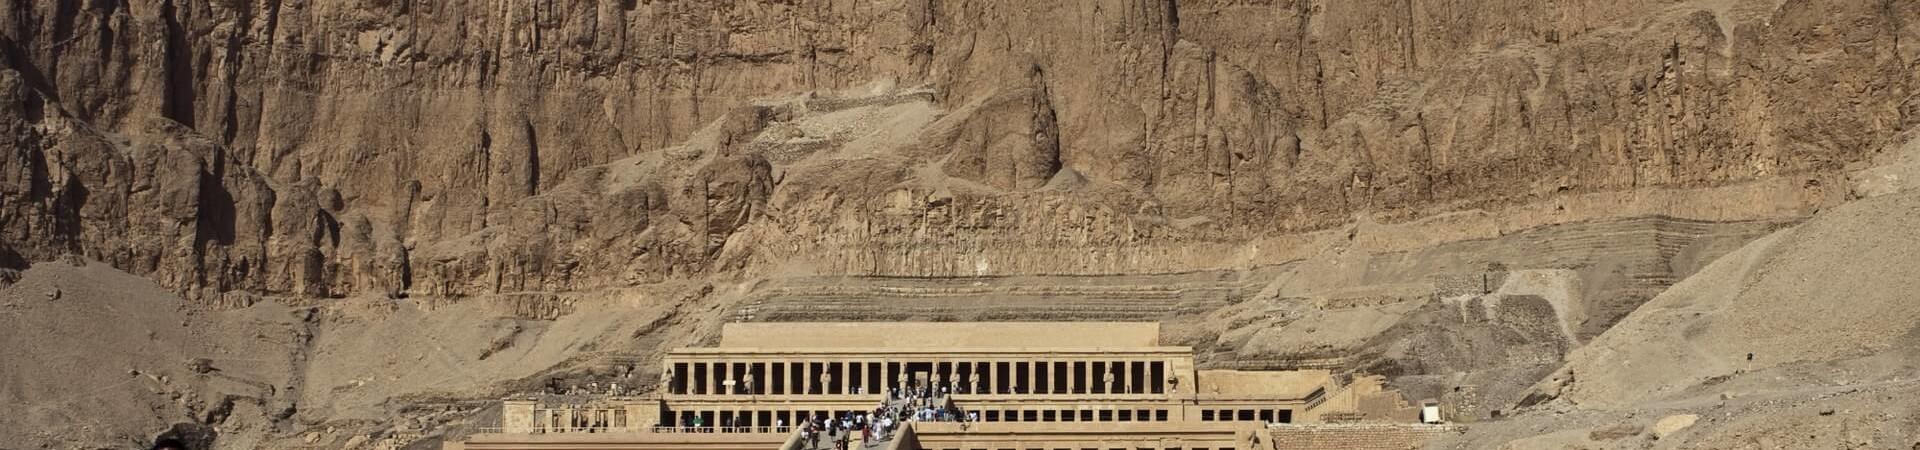 Egipt świątynia Hatszepsut